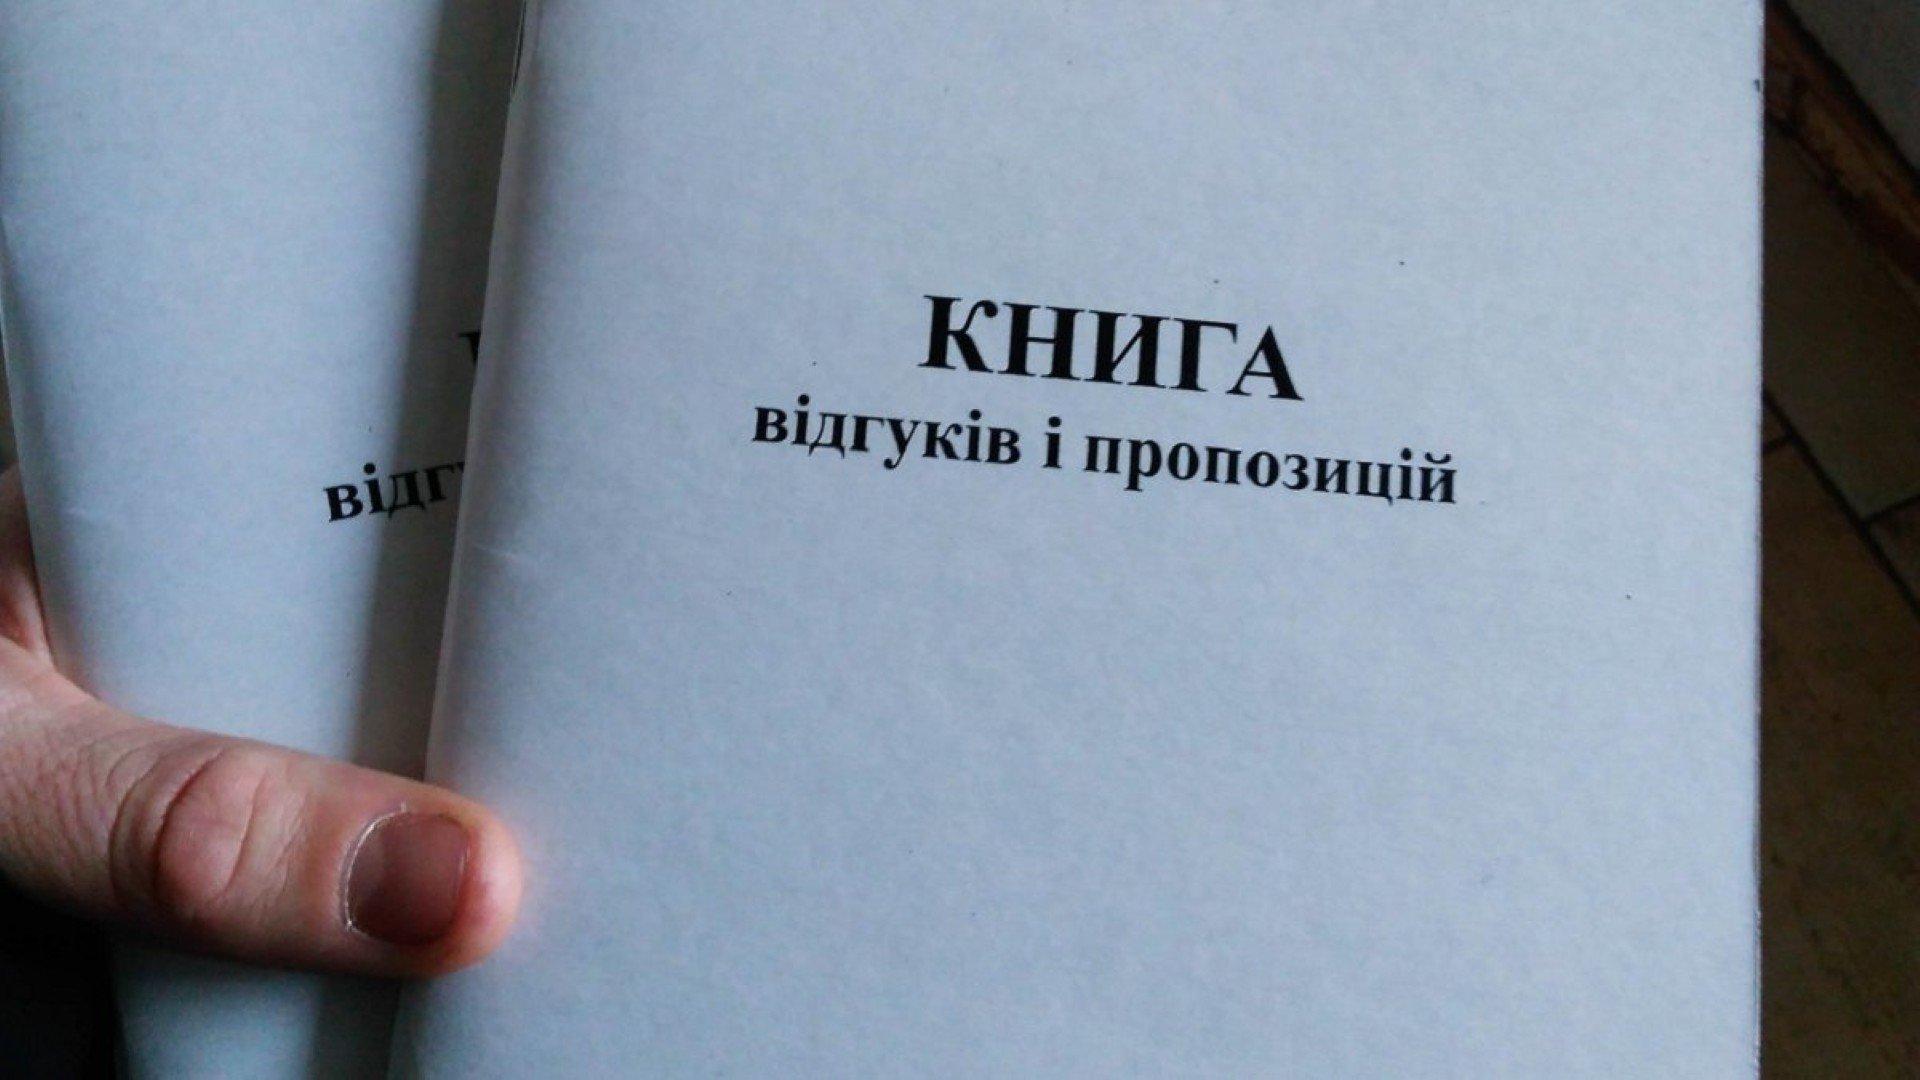 Про мовні порушення запропонували писати в скасованих книгах скарг